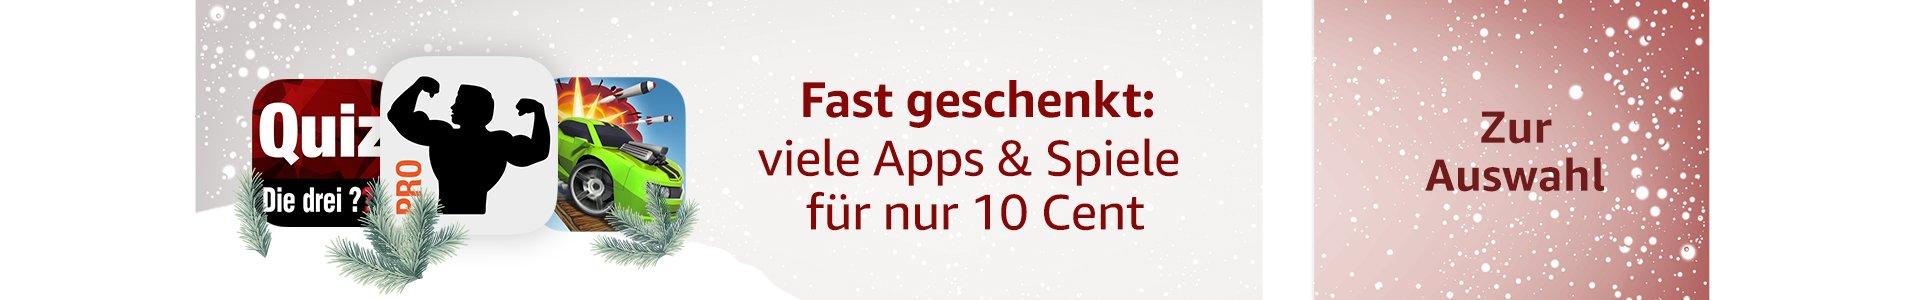 Fast geschenkt: viele Apps and Spiele für nur 10 Cent